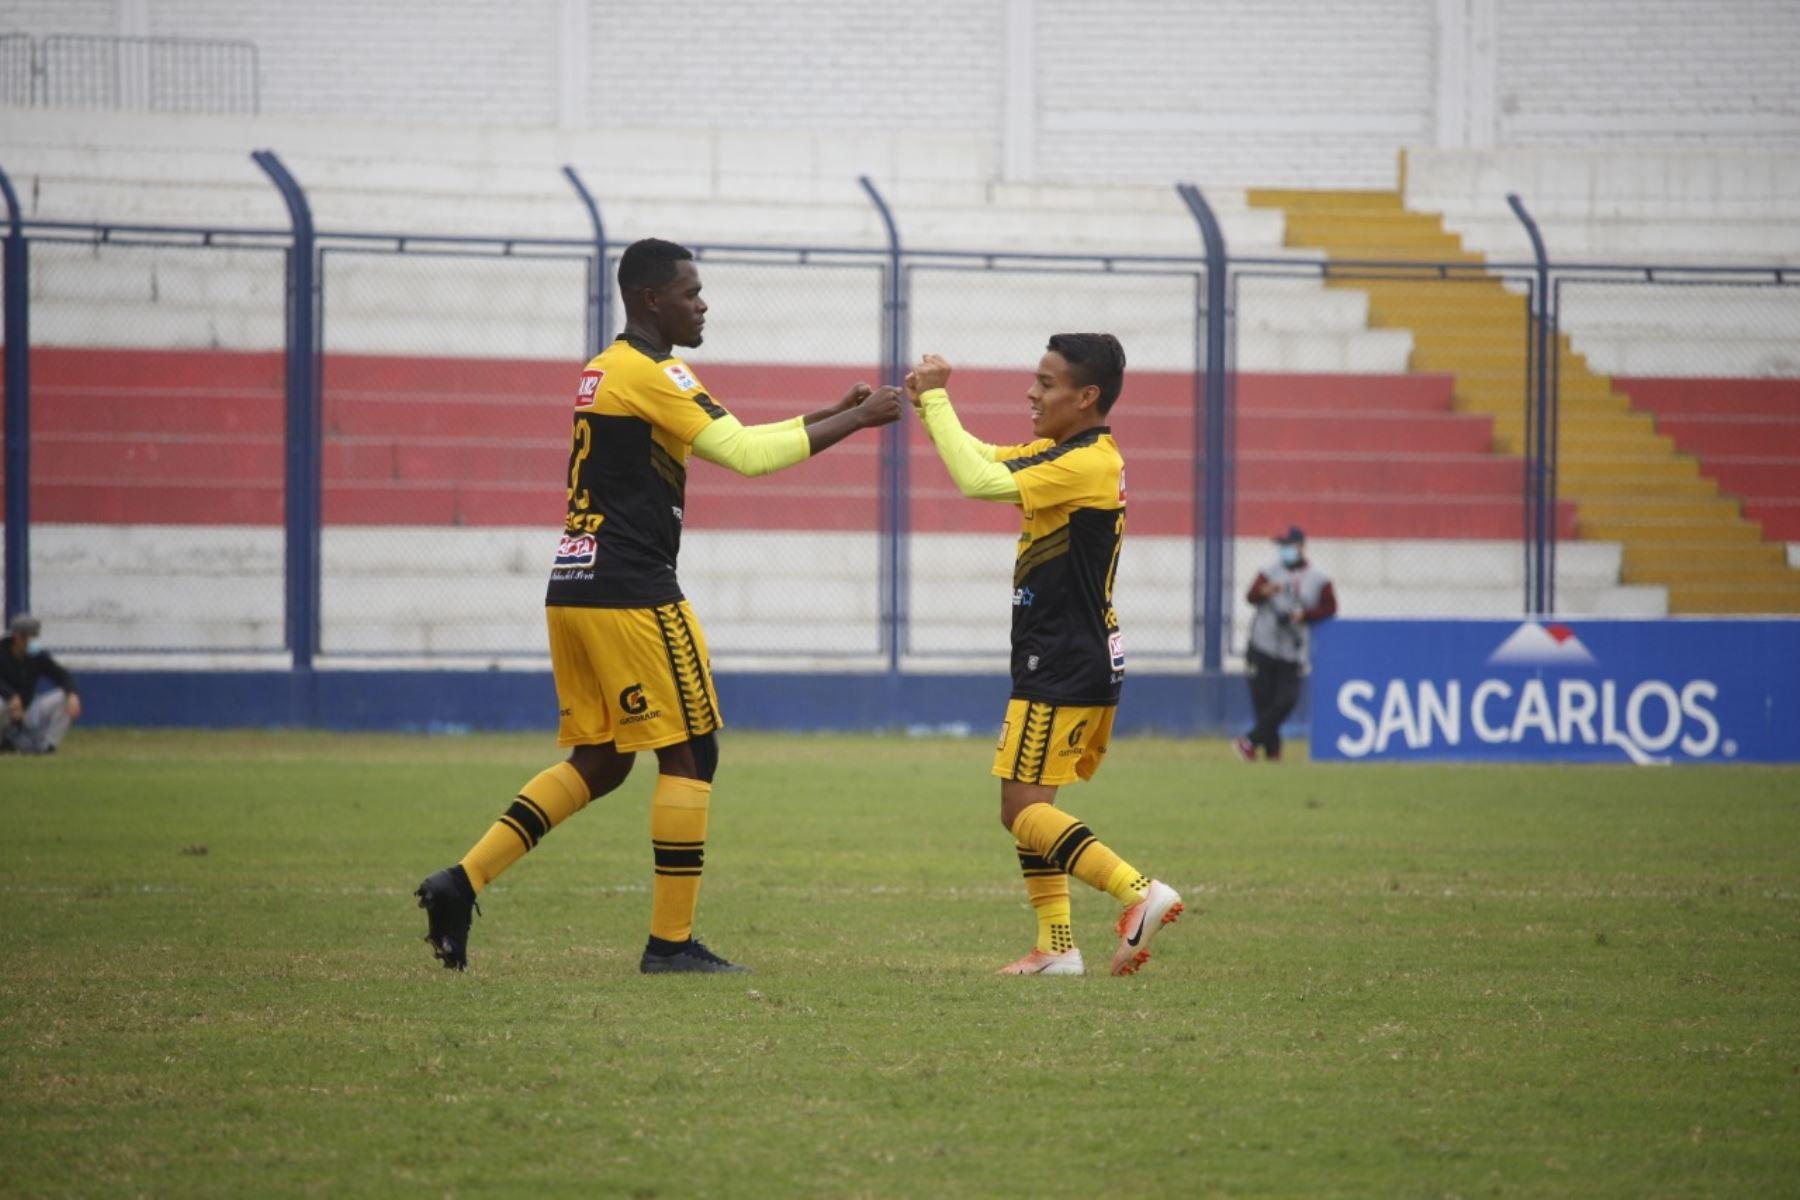 El futbolista J. Quintero del Cantolao celebra junto a su compañero tras marcar el 1 a 0 ante Carlos Stein por la fecha 15 de la Liga 1, en el estadio Iván Elías Moreno. Foto: @LigaFutProf